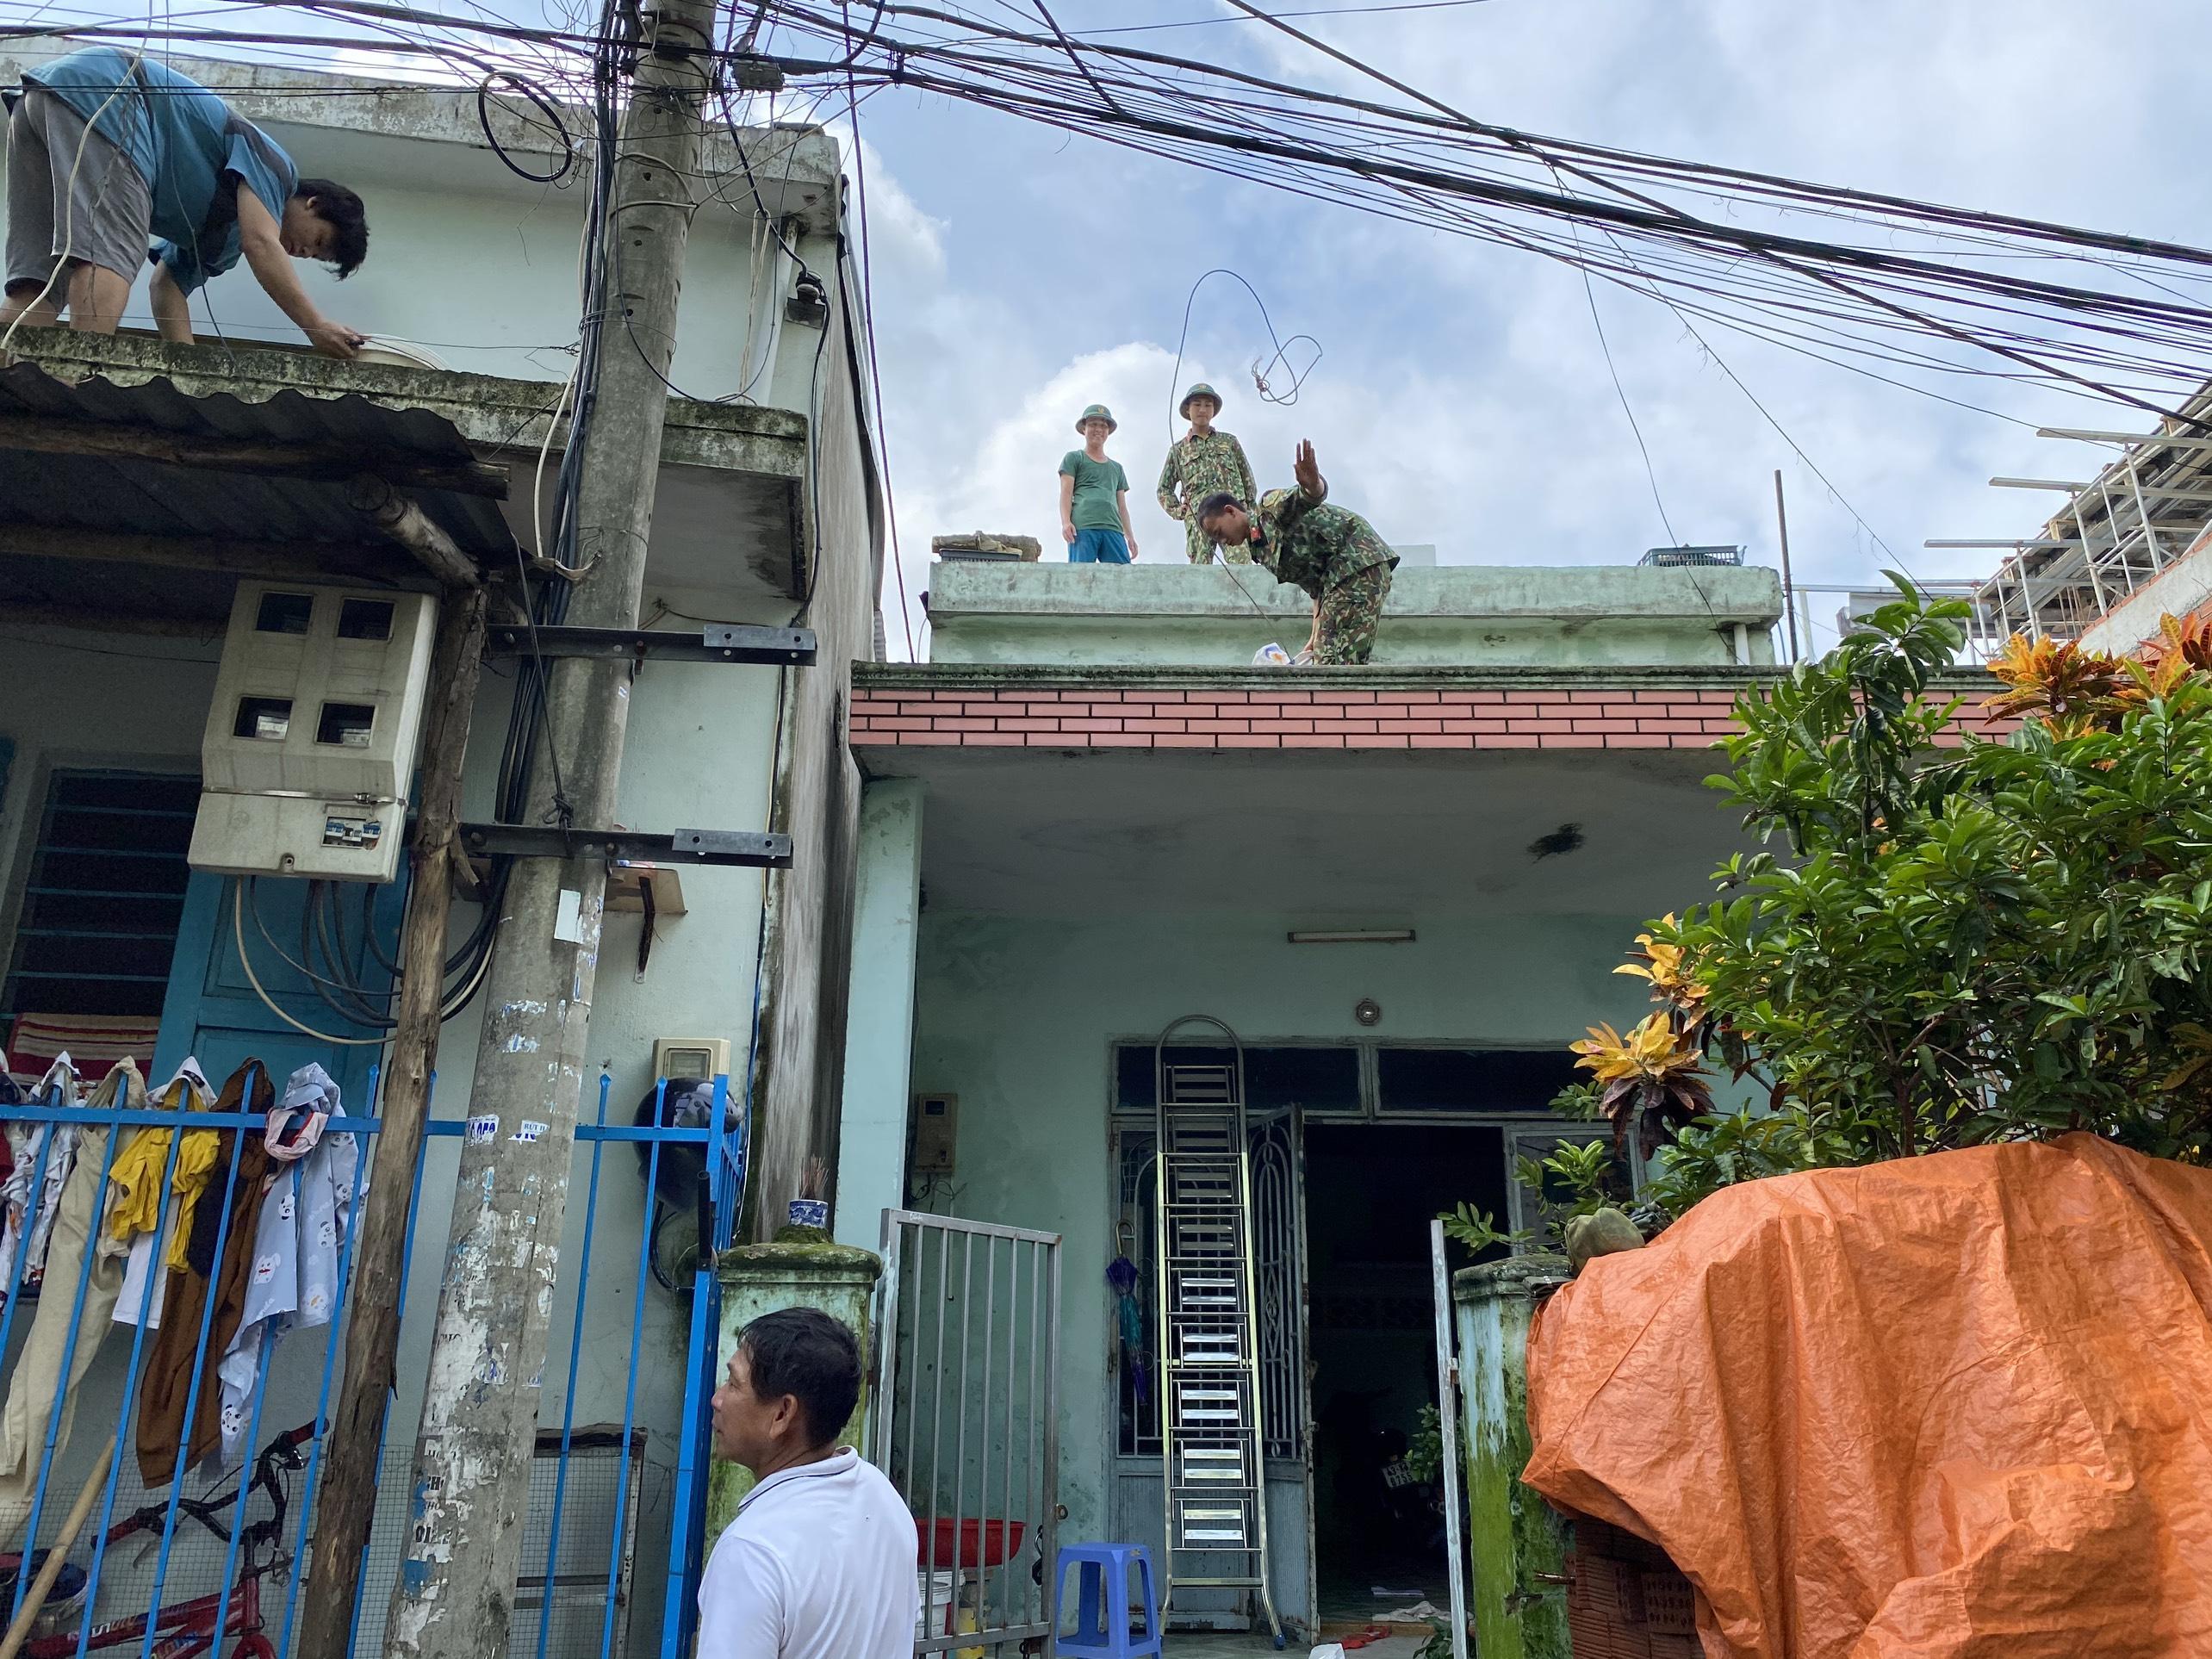 [Ảnh] Xe tải cẩu chở thuyền đến nơi an toàn, công an, bộ đội giúp người Đà Nẵng chằng chống nhà cửa đón bão số 9 - Ảnh 10.